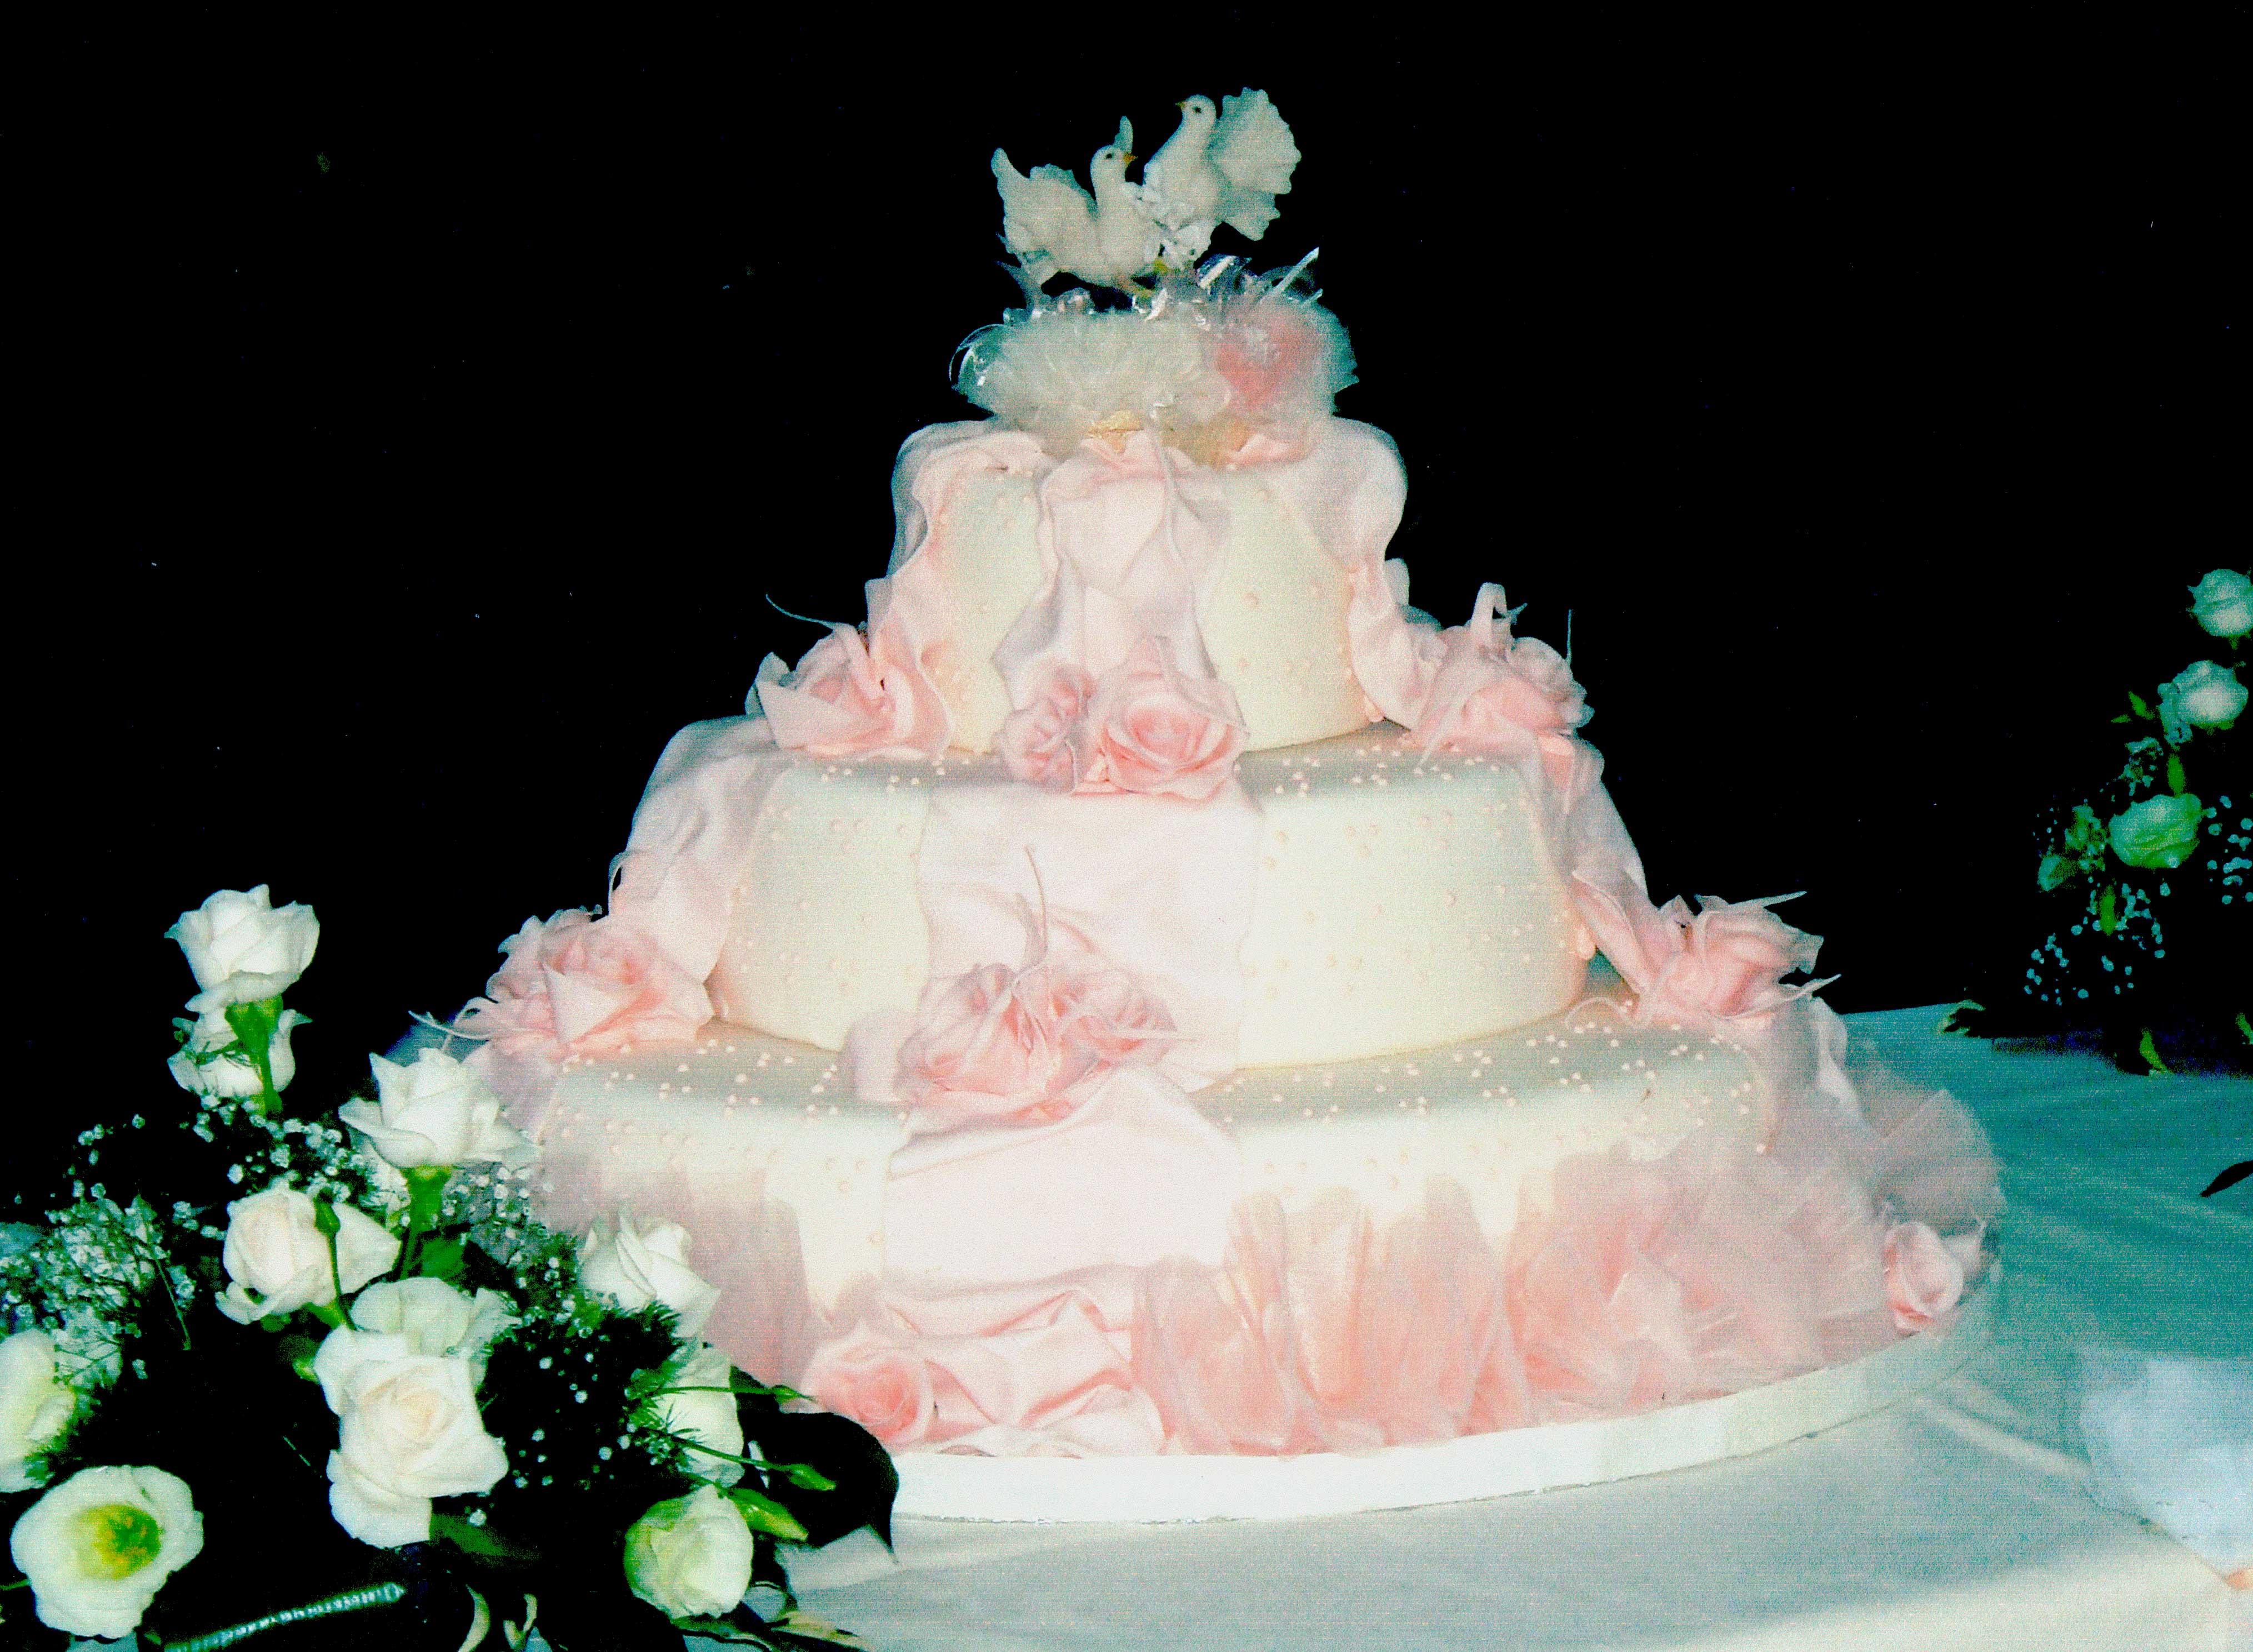 prezzi torte nuziali a piani | sposiamocirisparmiando.it - Pranzo Nuziale Prezzi